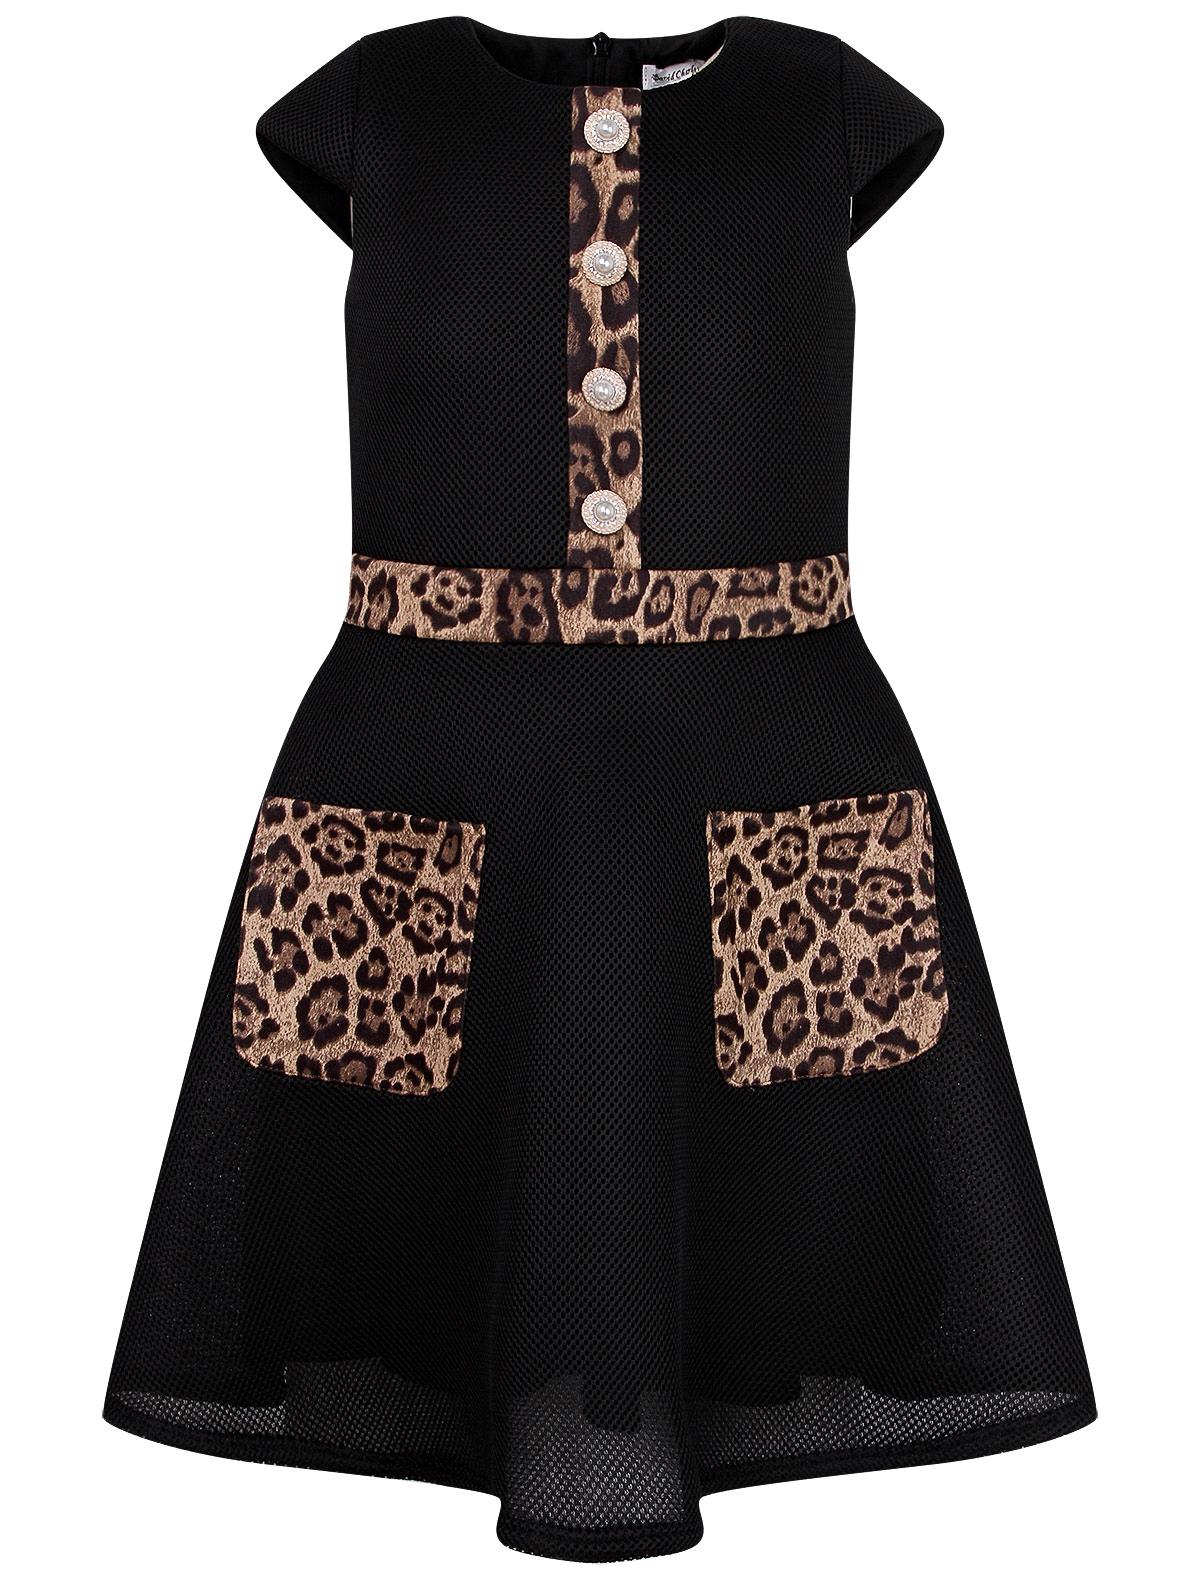 Купить 2261445, Платье David Charles, черный, Женский, 1054509081182